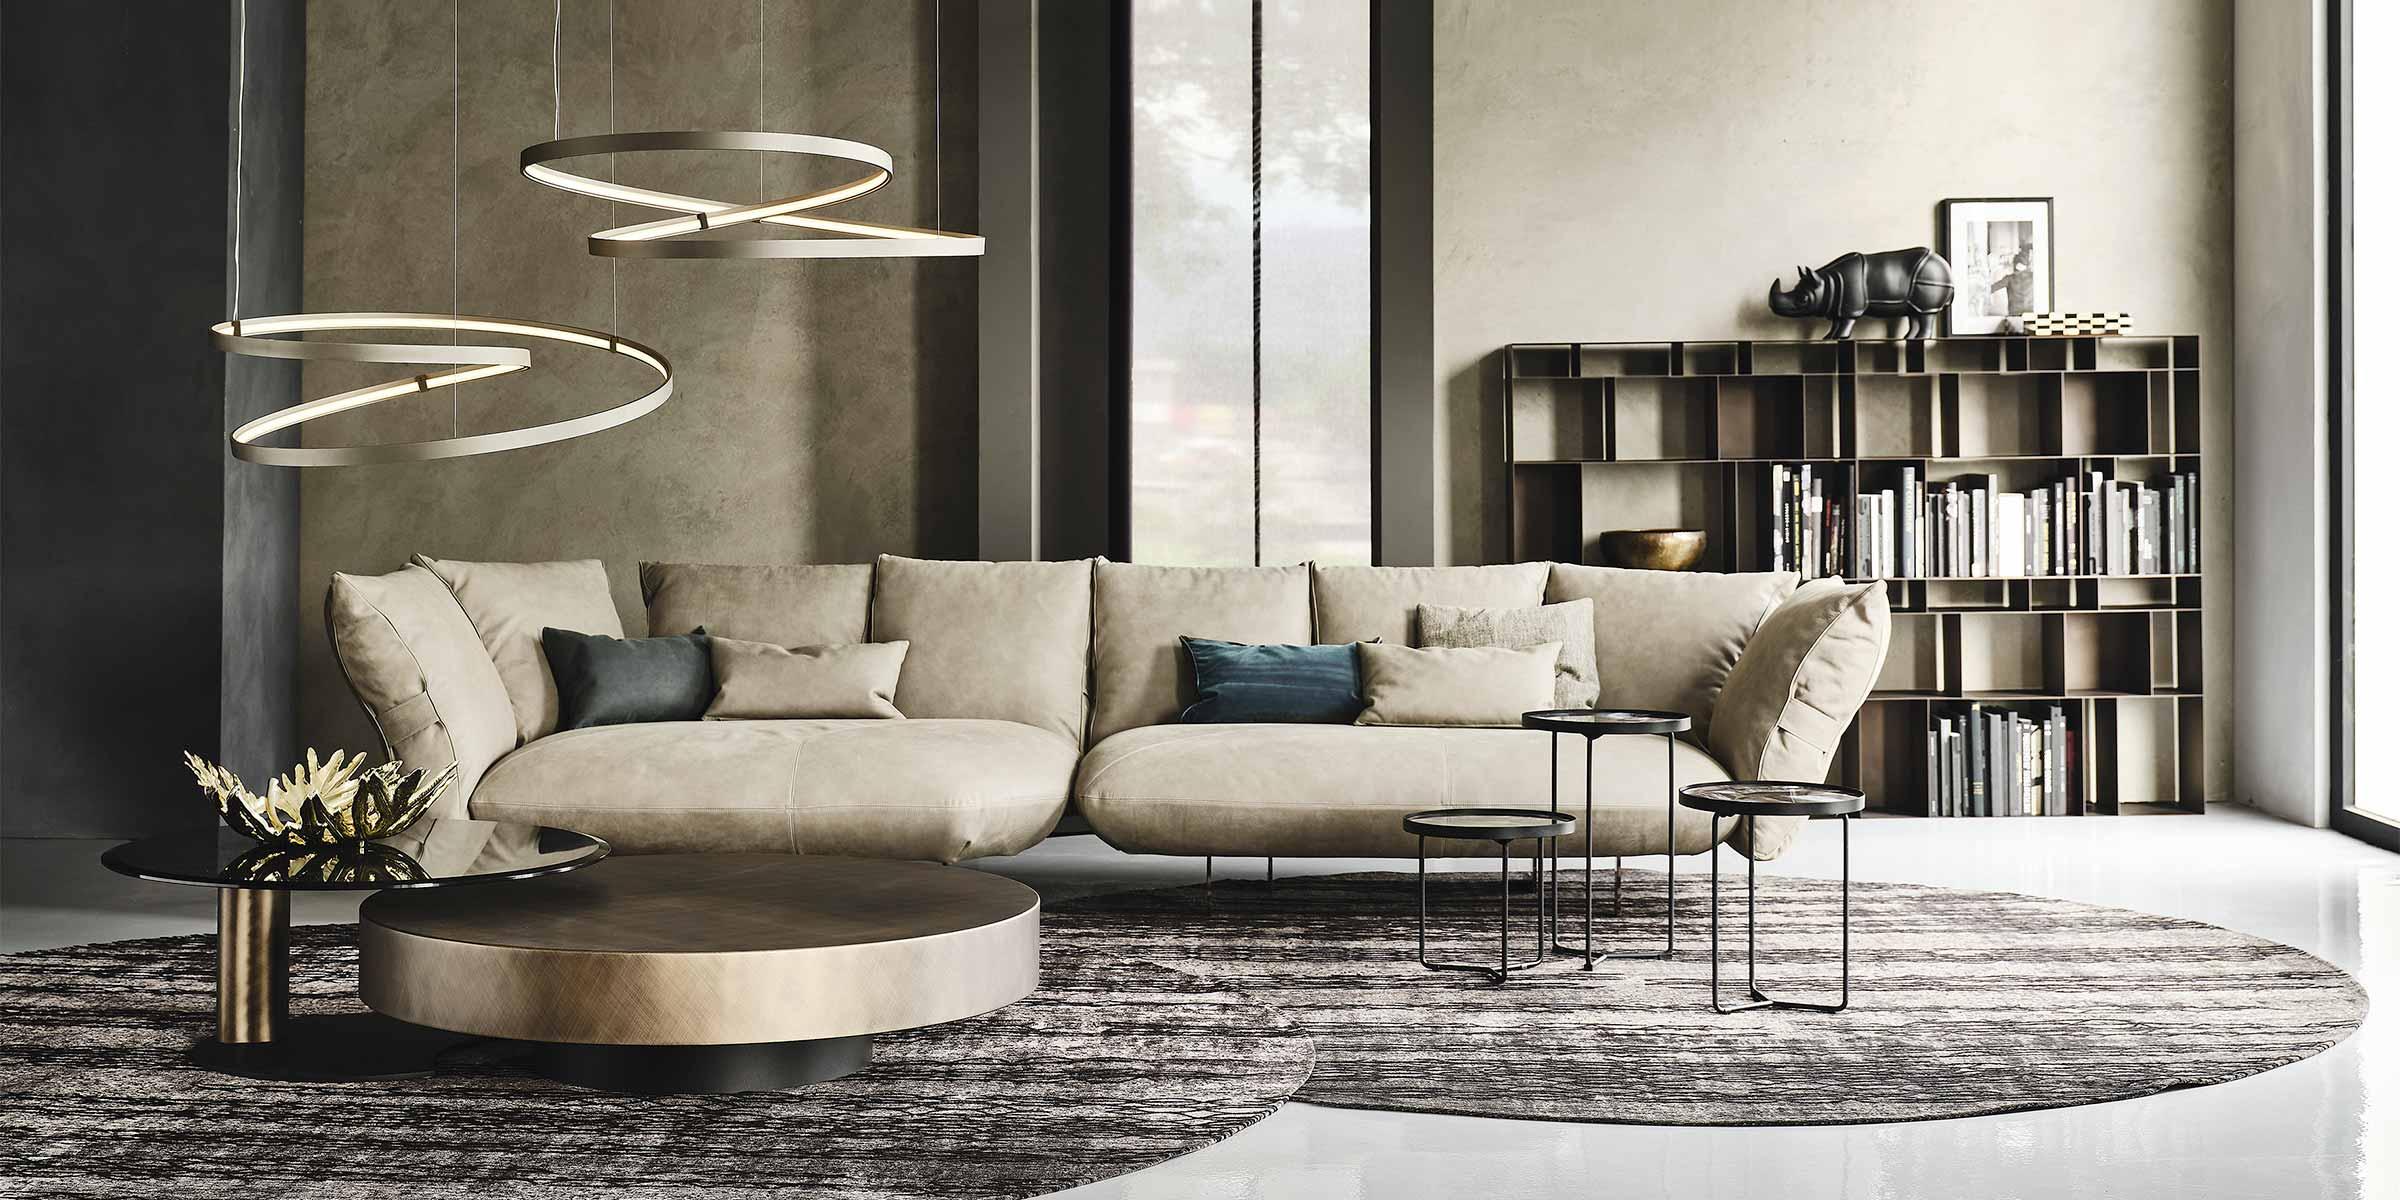 Arena-design-coffee-table-Cattelan-Italia